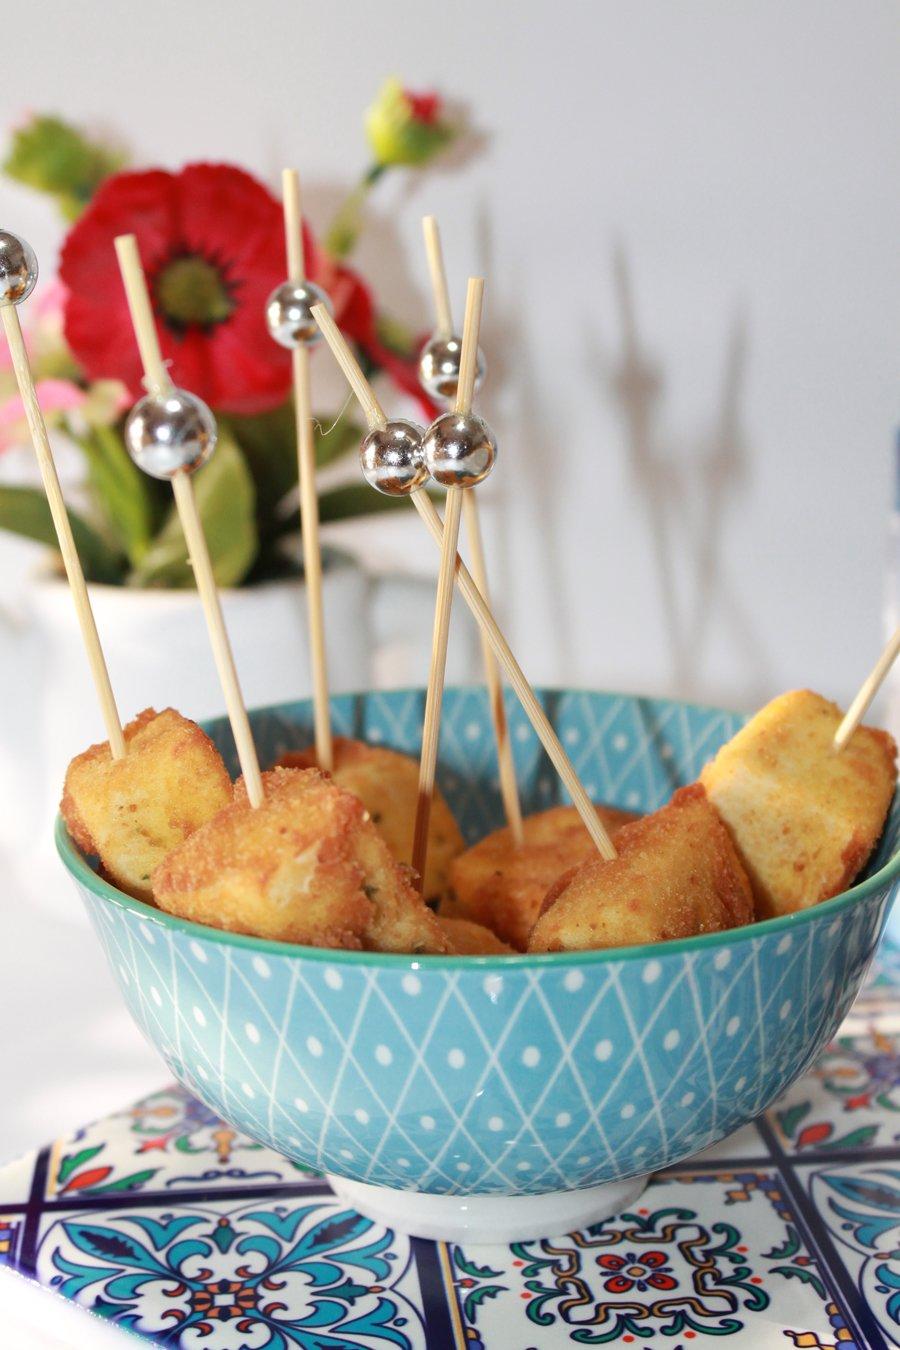 ricetta ricotta impanata fritta